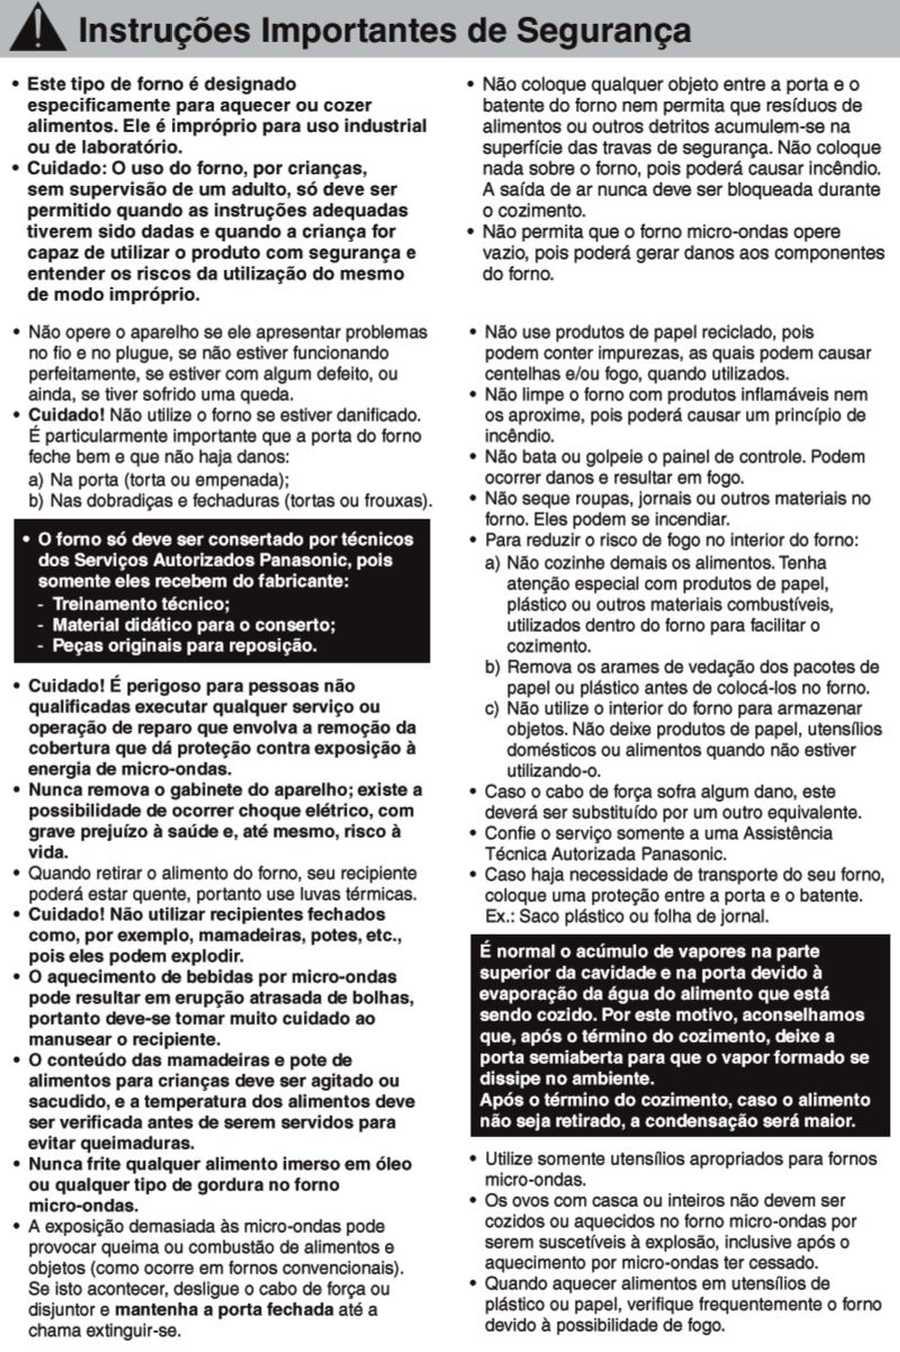 Manual de instruções do microondas Panasonic NN-ST375 - Segurança